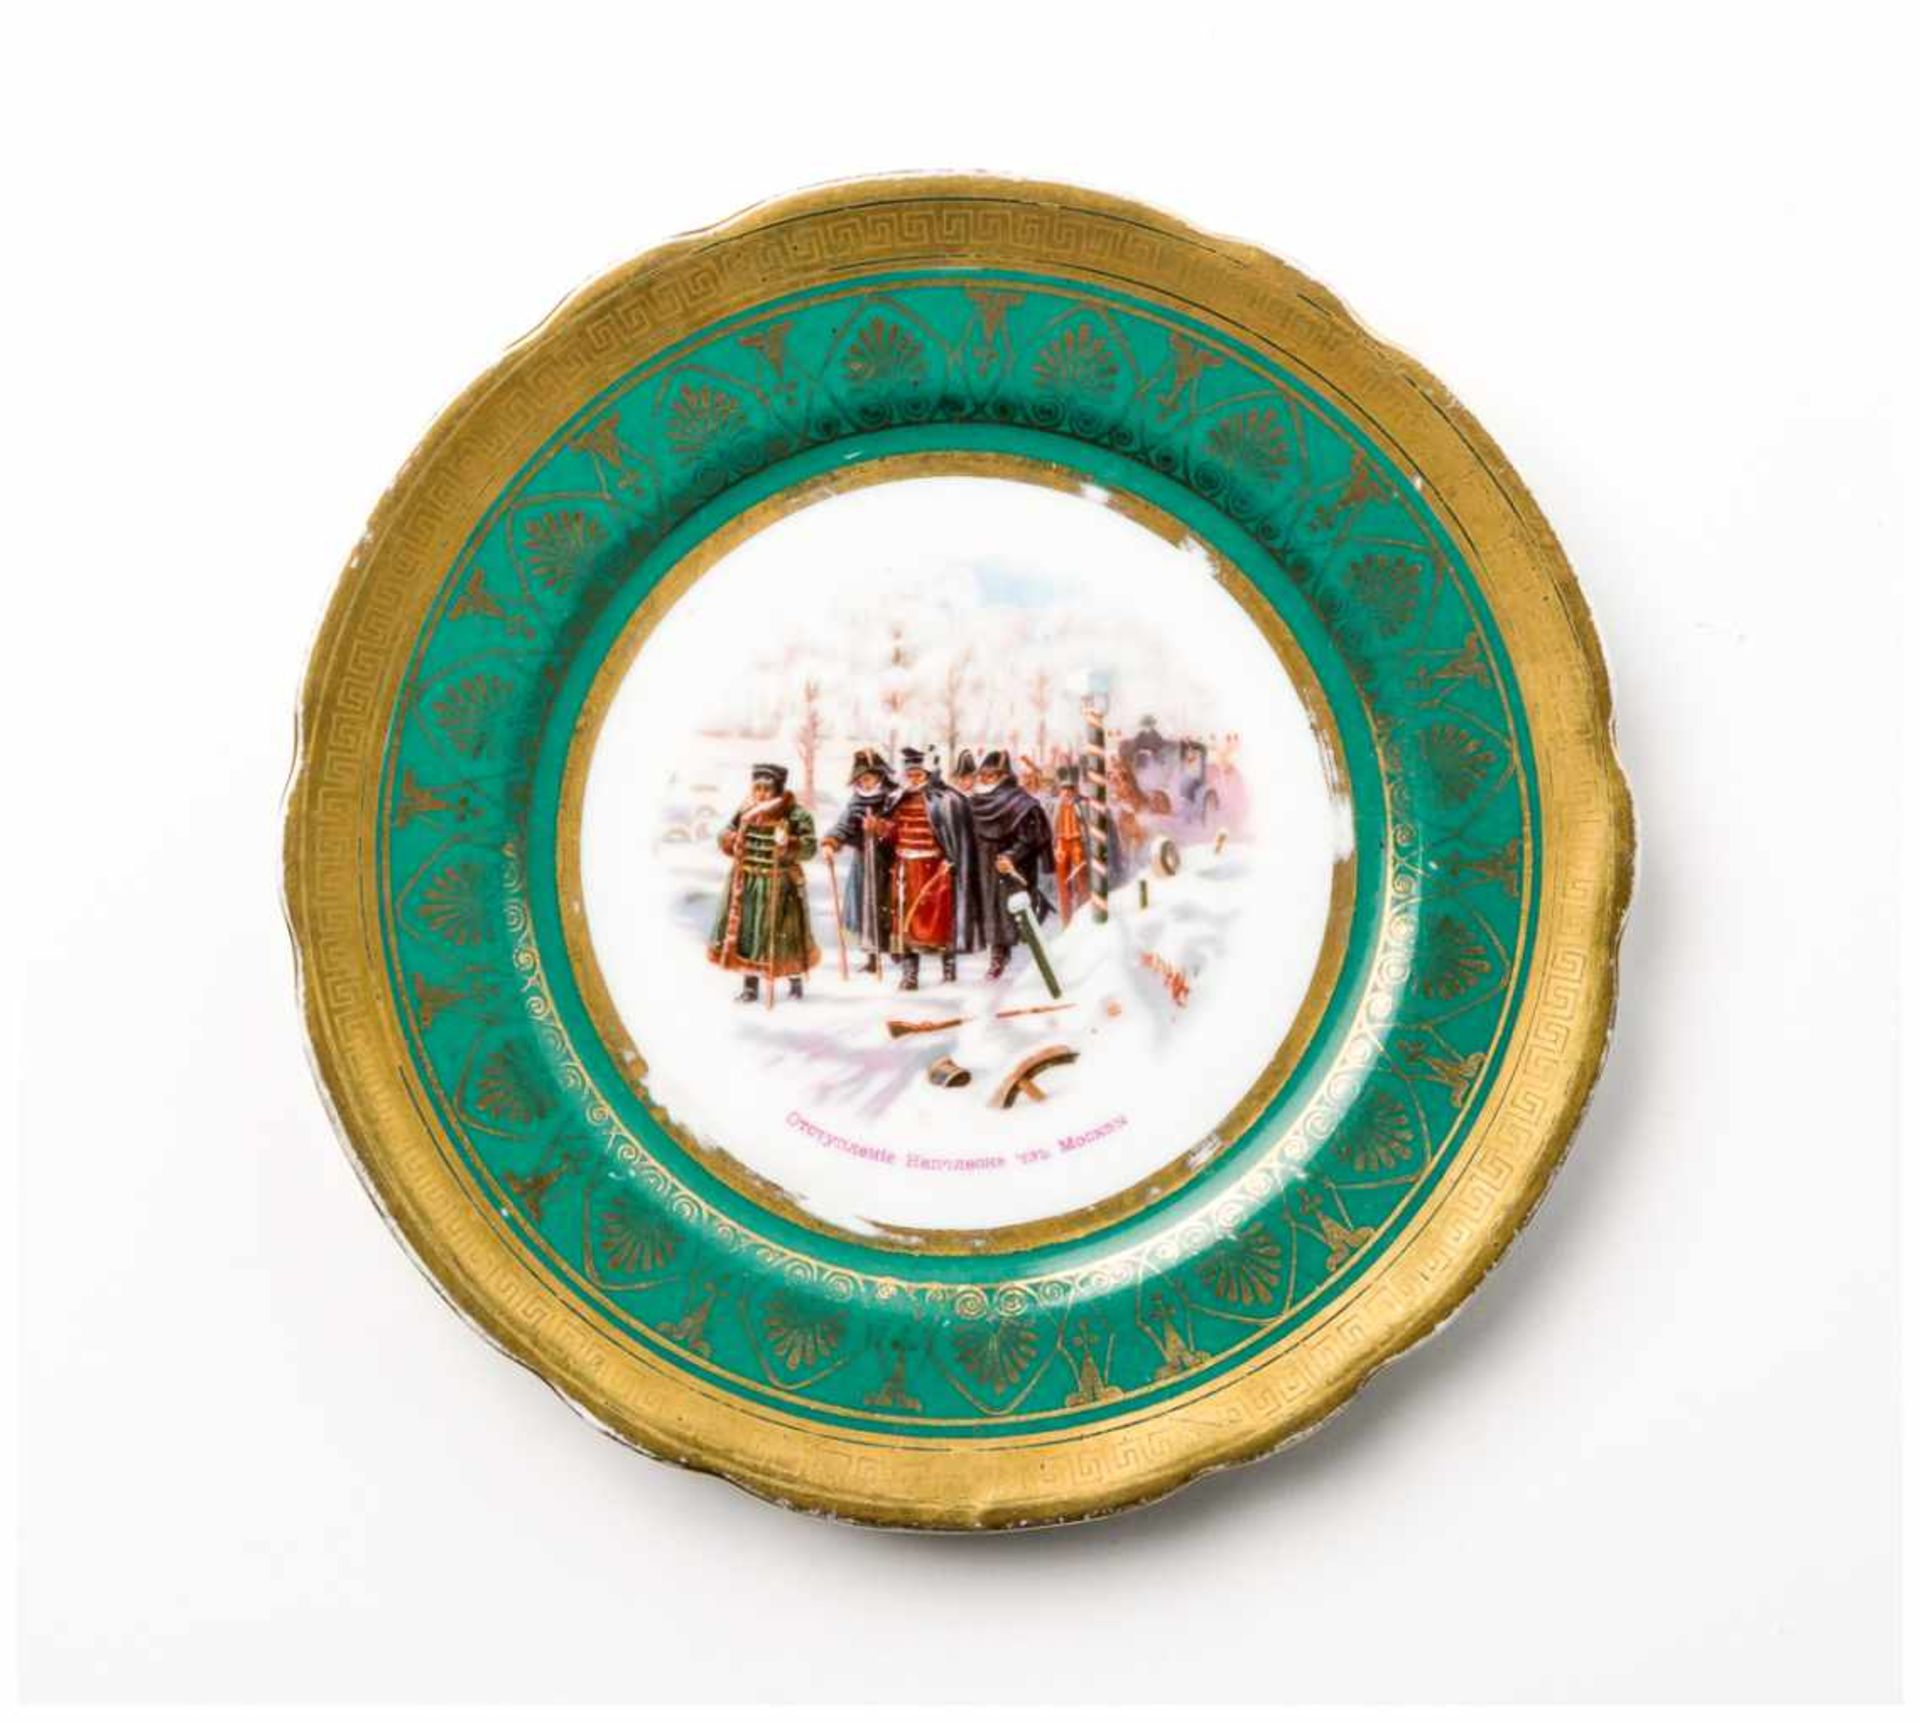 Los 35 - Porzellanteller Porzellan Manufaktur Gardner, 2. Hälfte 19. Jh. Durchmesser: 18 cm Dargestellt ist